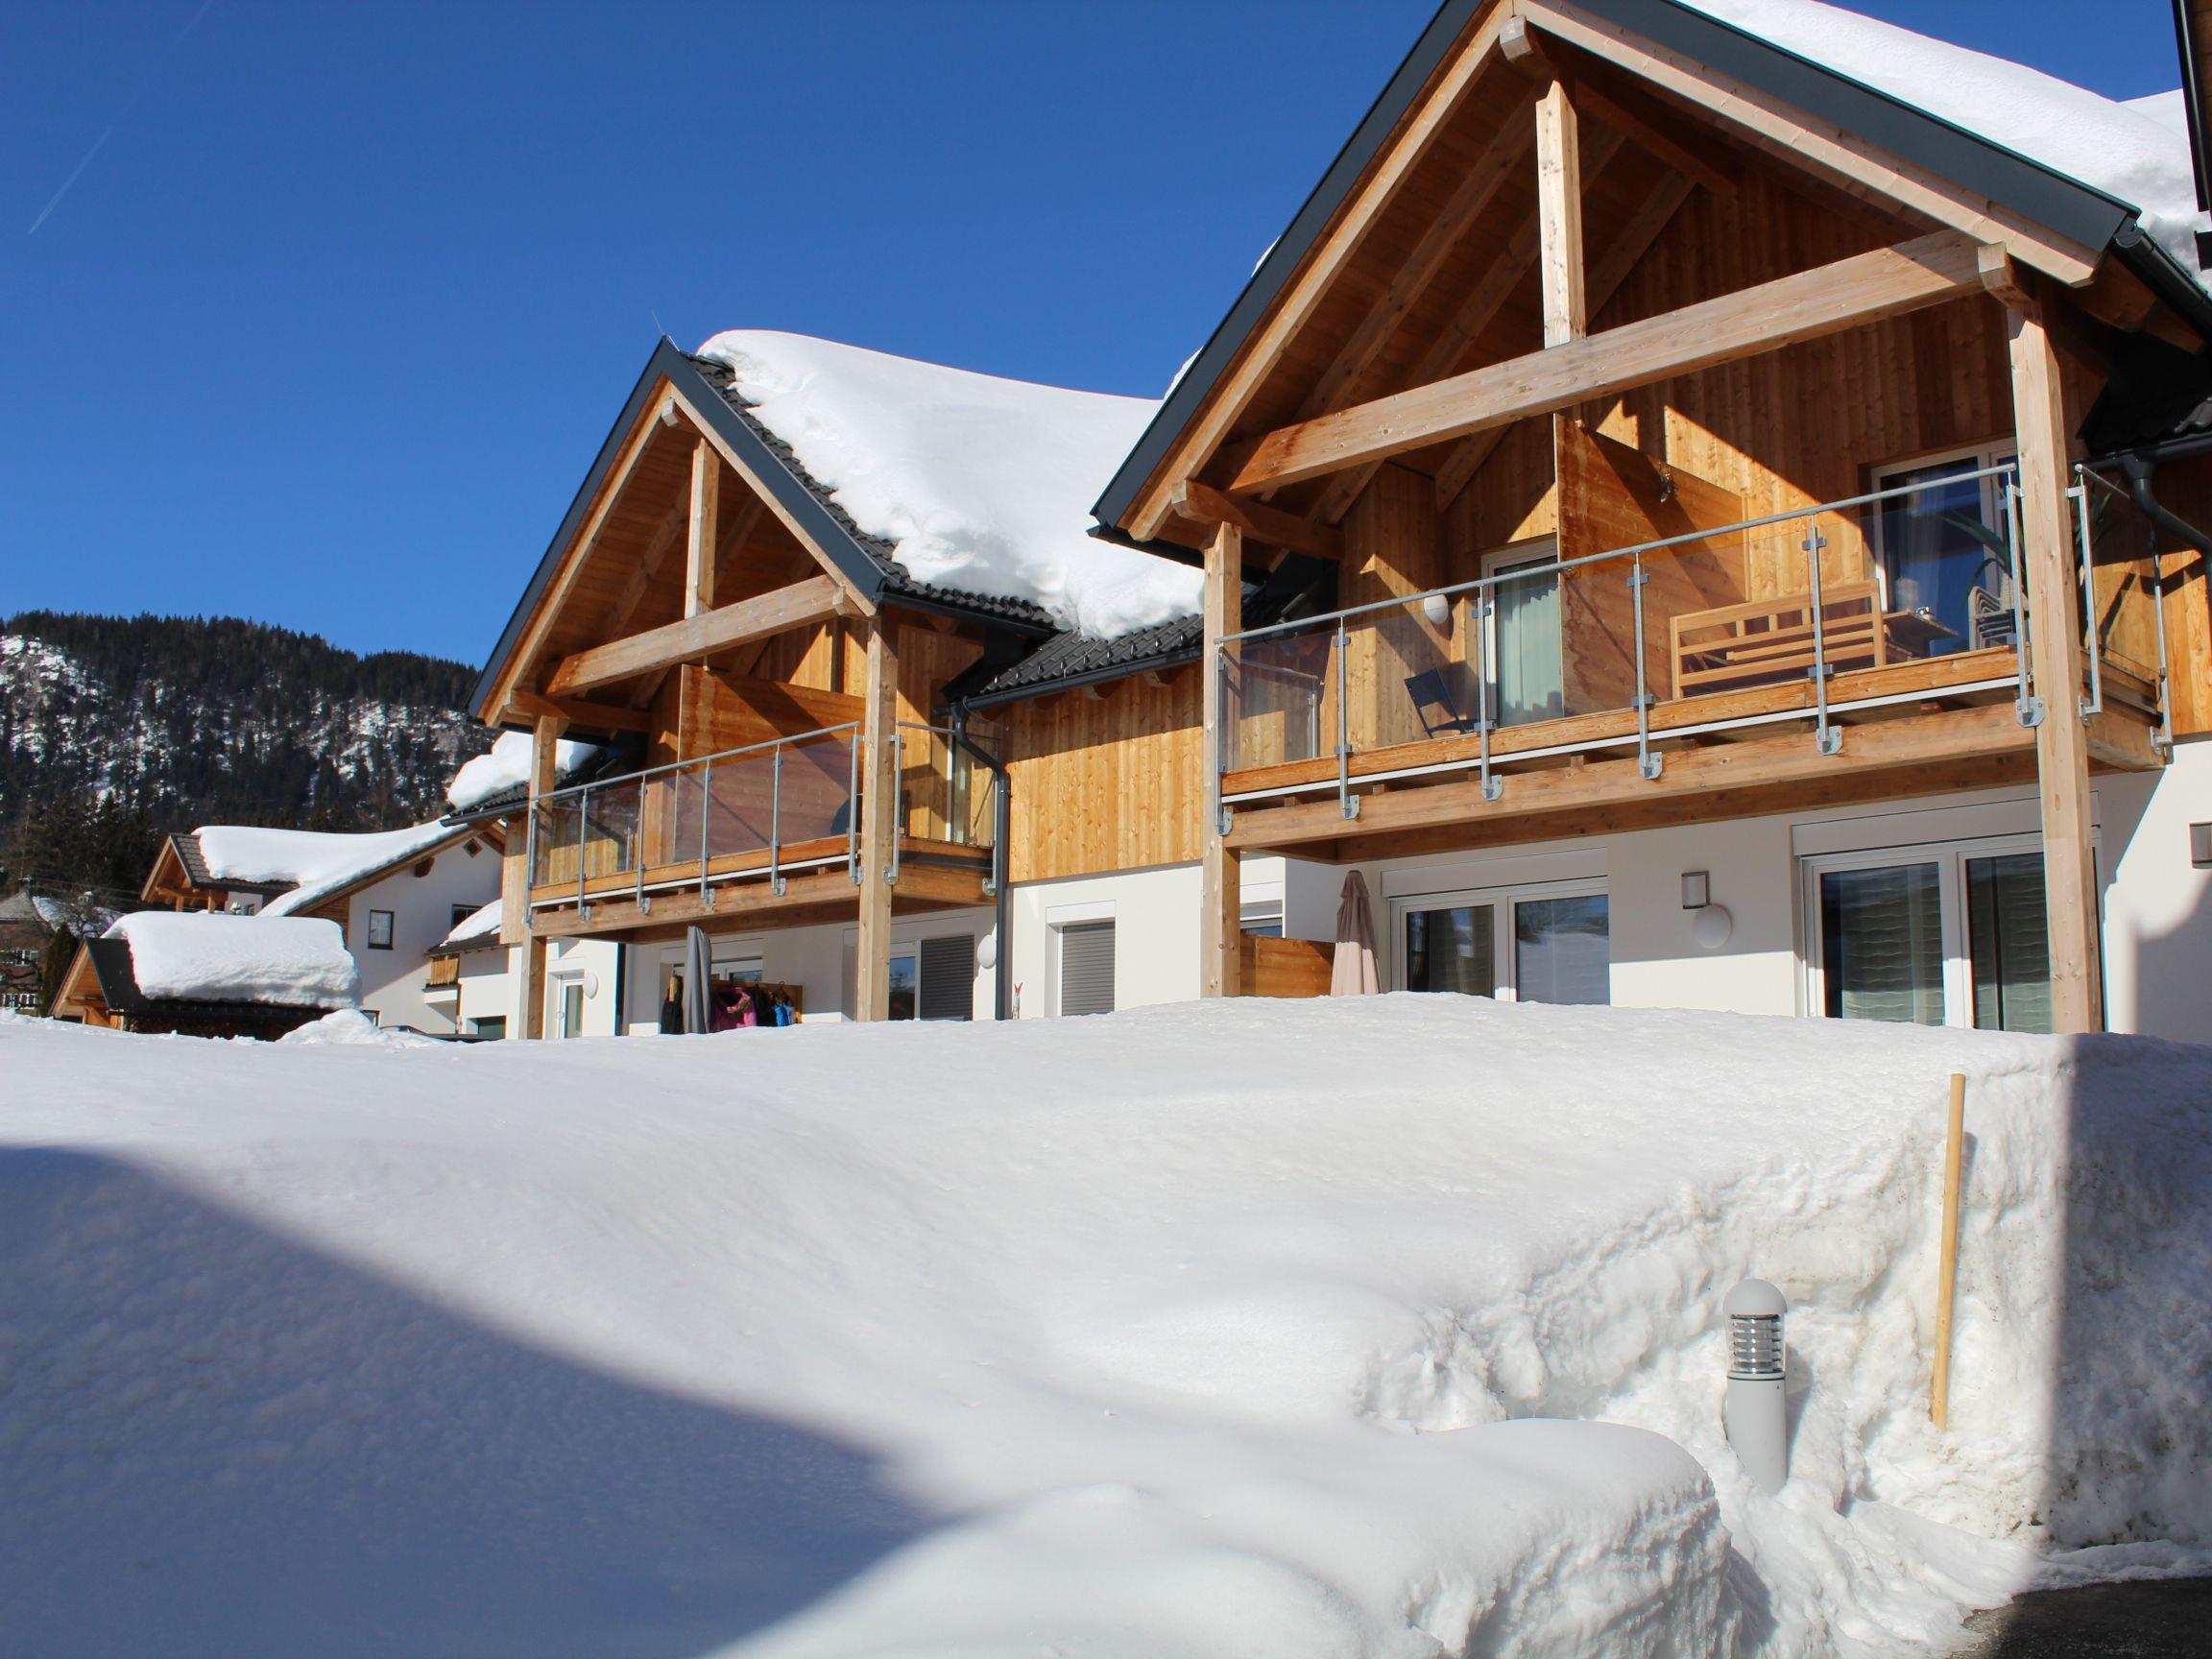 Chalet-appartement Alpine Pia - 2-5 personen